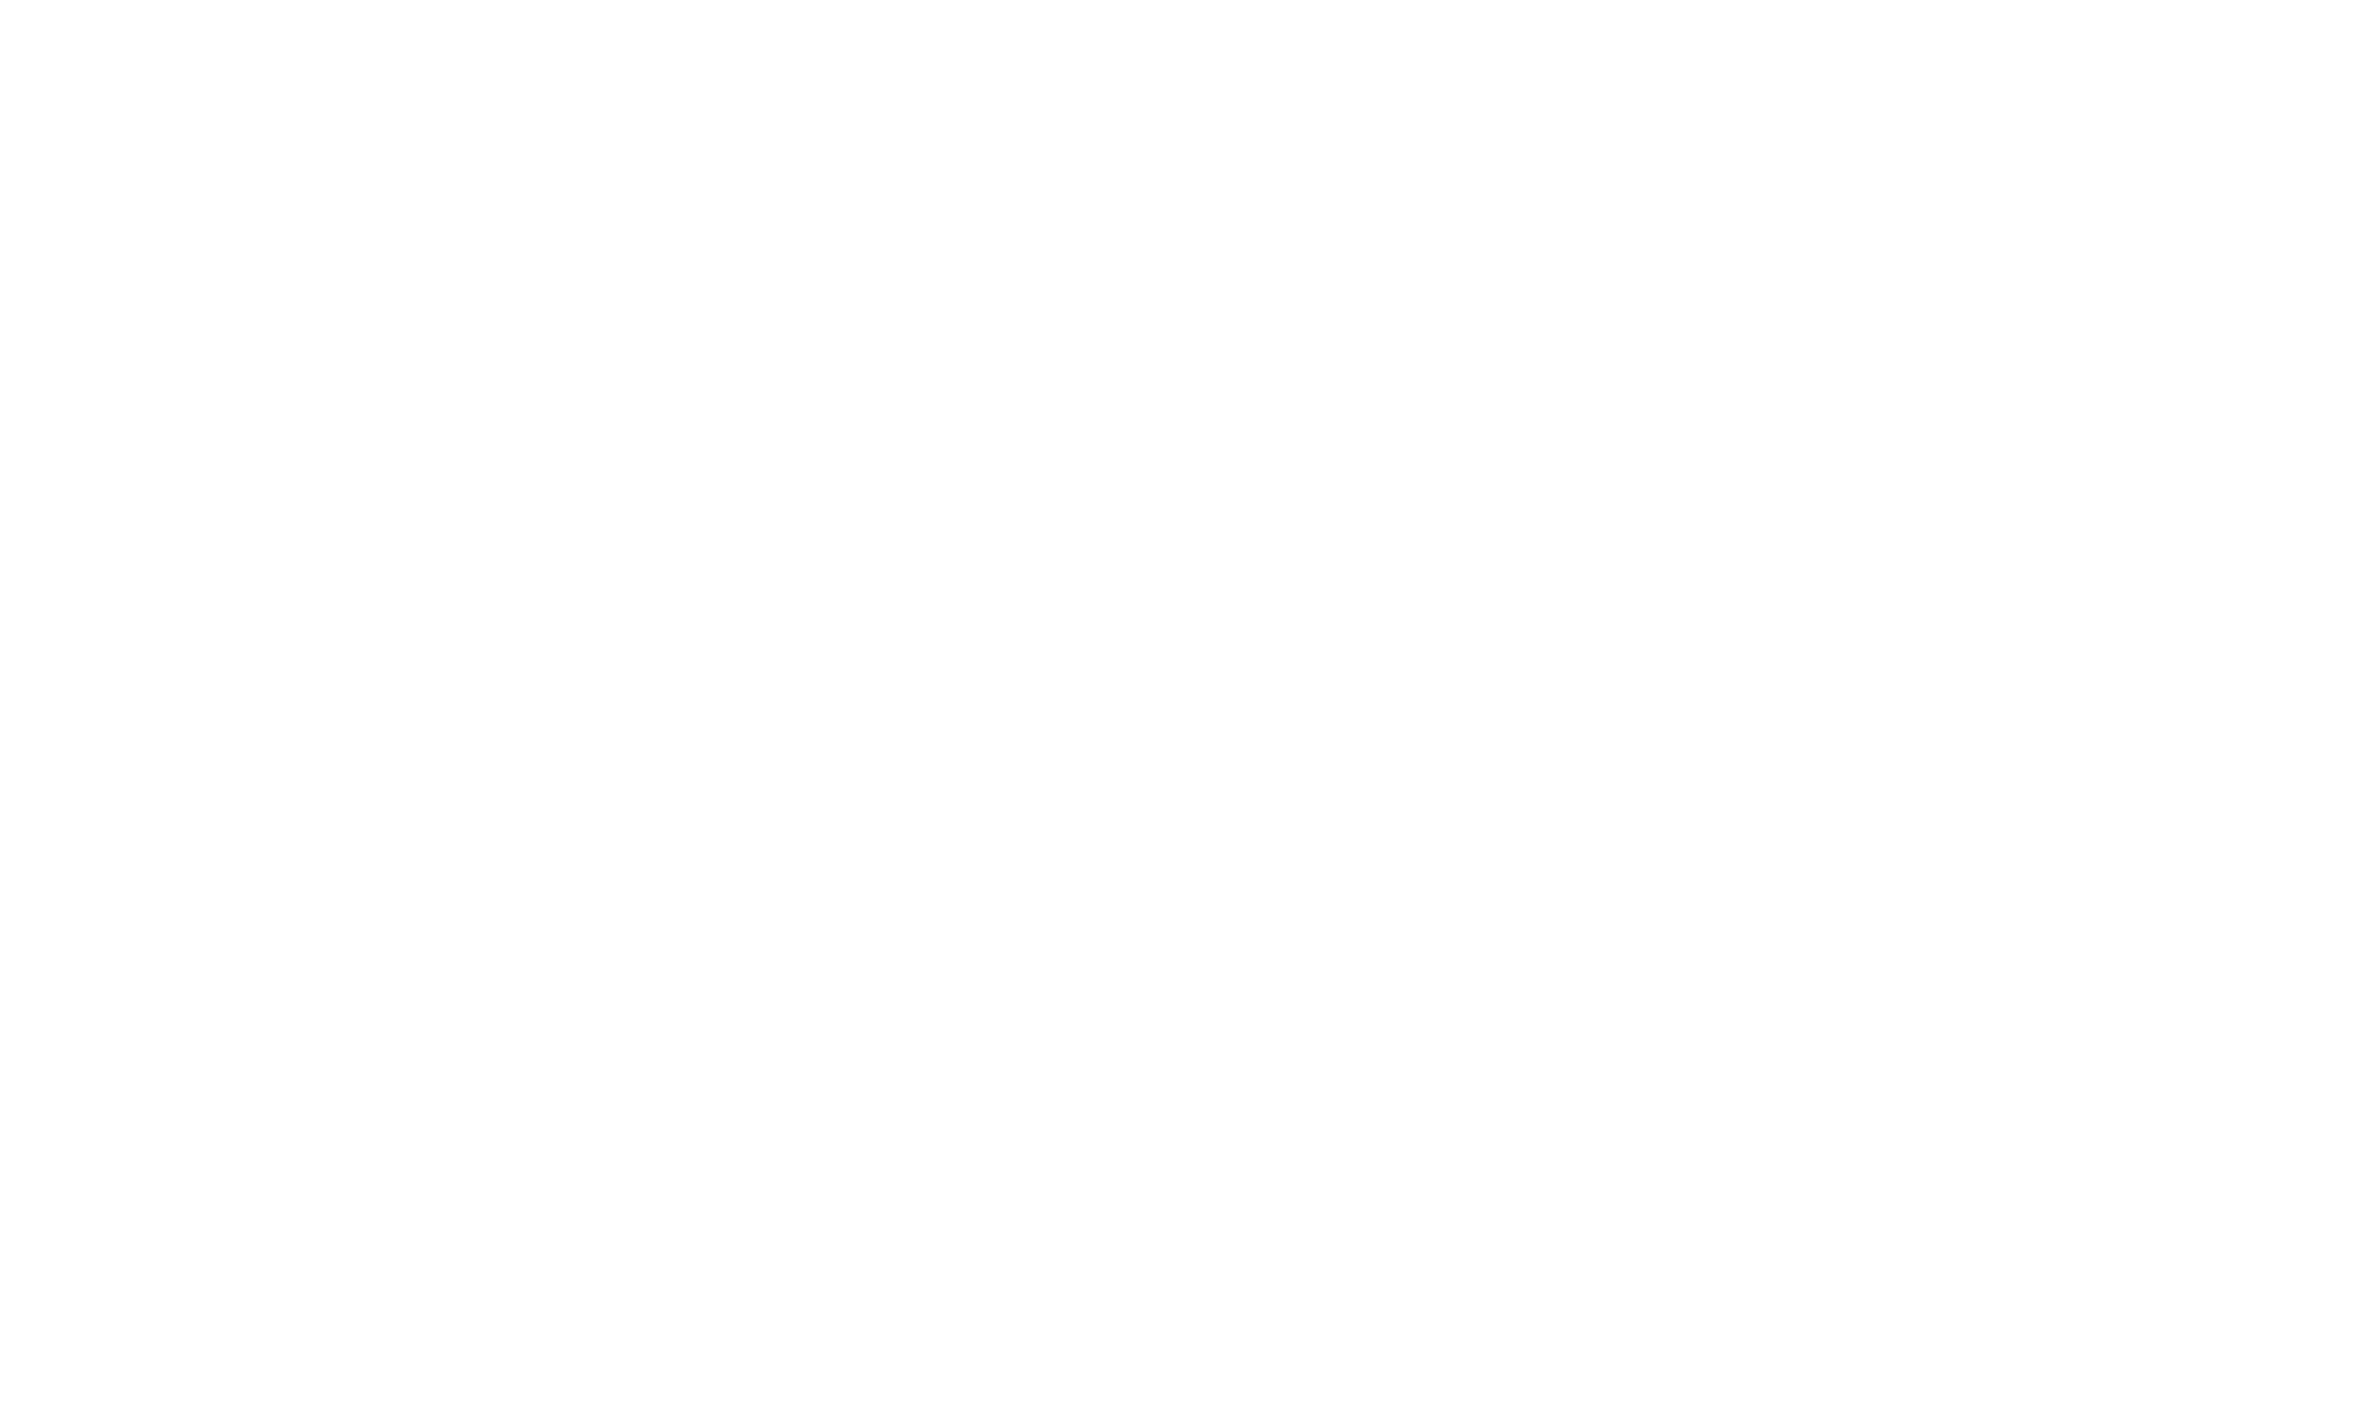 Universidade Leonardo Da Vinci